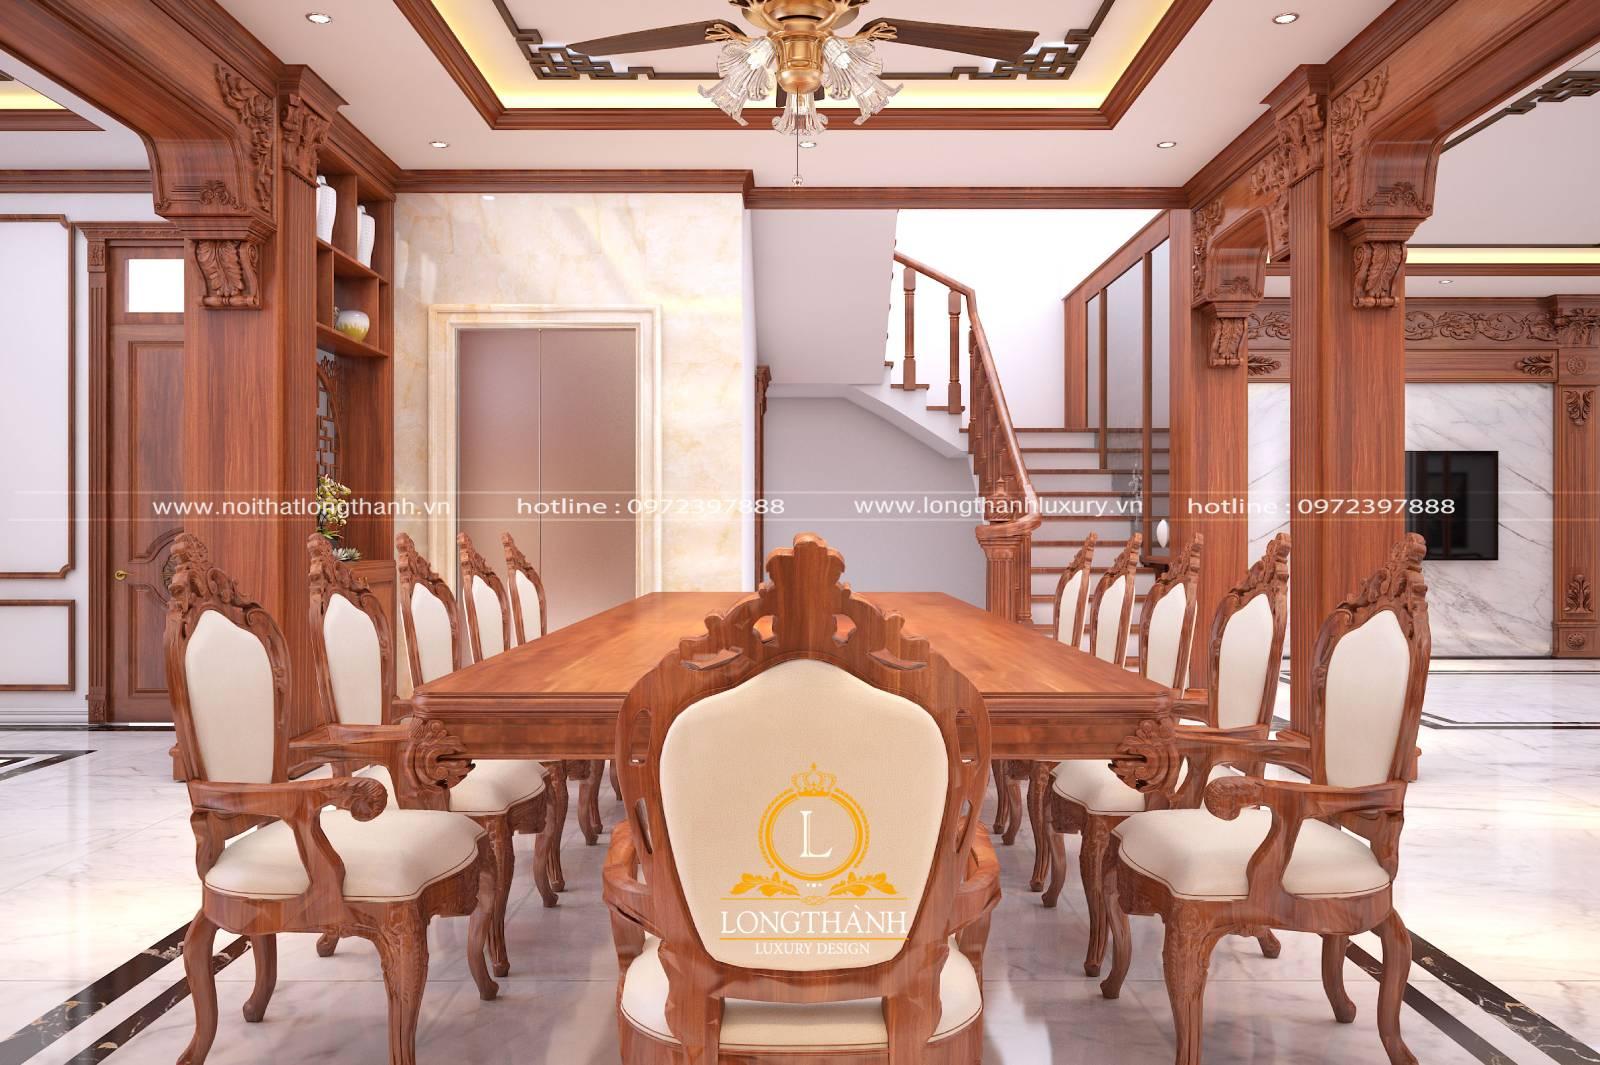 Thiết kế bàn ăn gỗ Gõ sang trọng tinh tế cho nhà biệt thự rộng